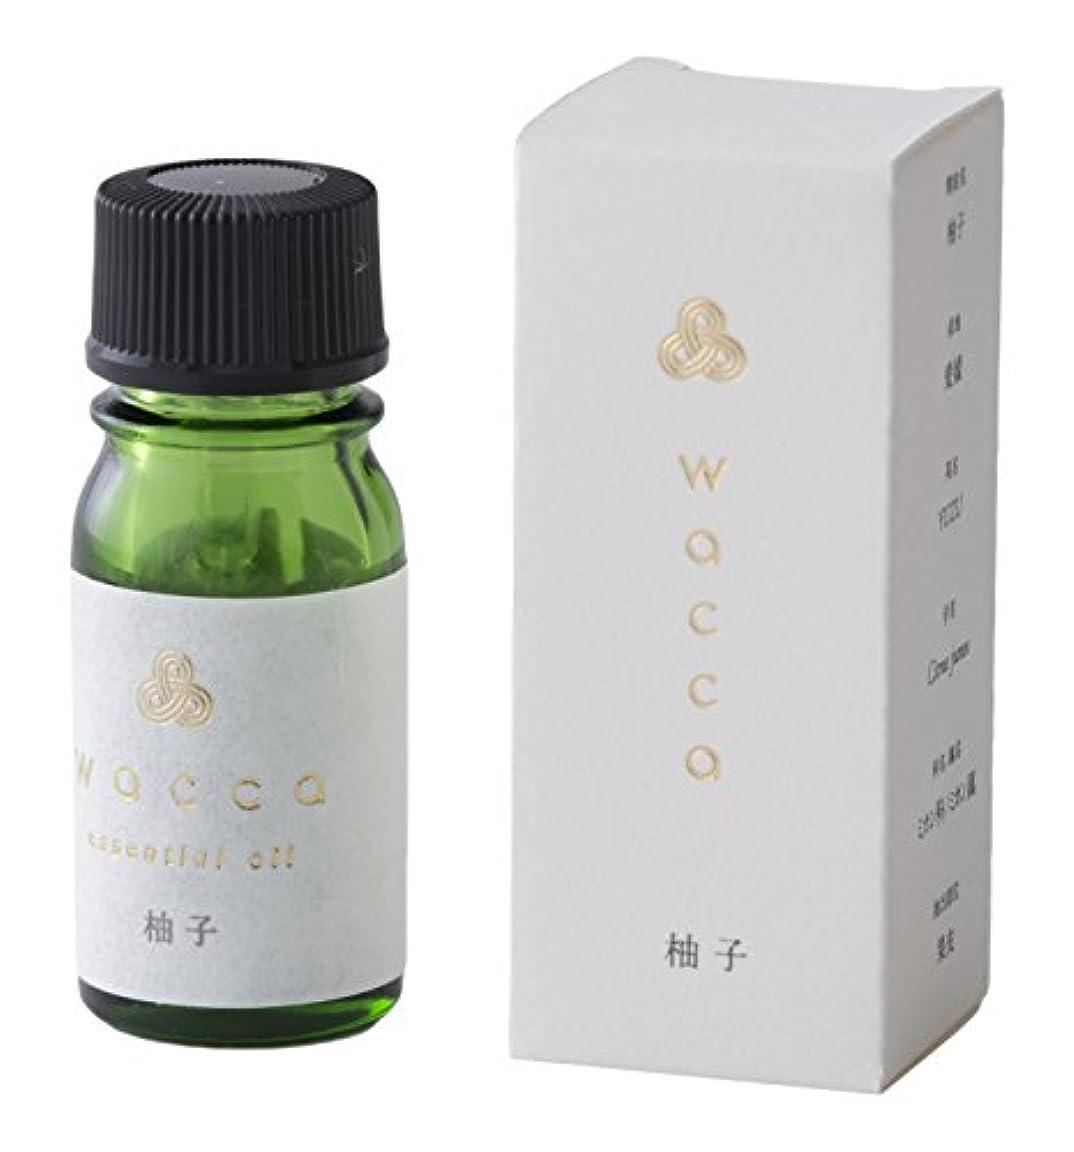 猫背我慢するラッドヤードキップリングwacca ワッカ エッセンシャルオイル 5ml 柚子 ユズ yuzu essential oil 和精油 KUSU HANDMADE